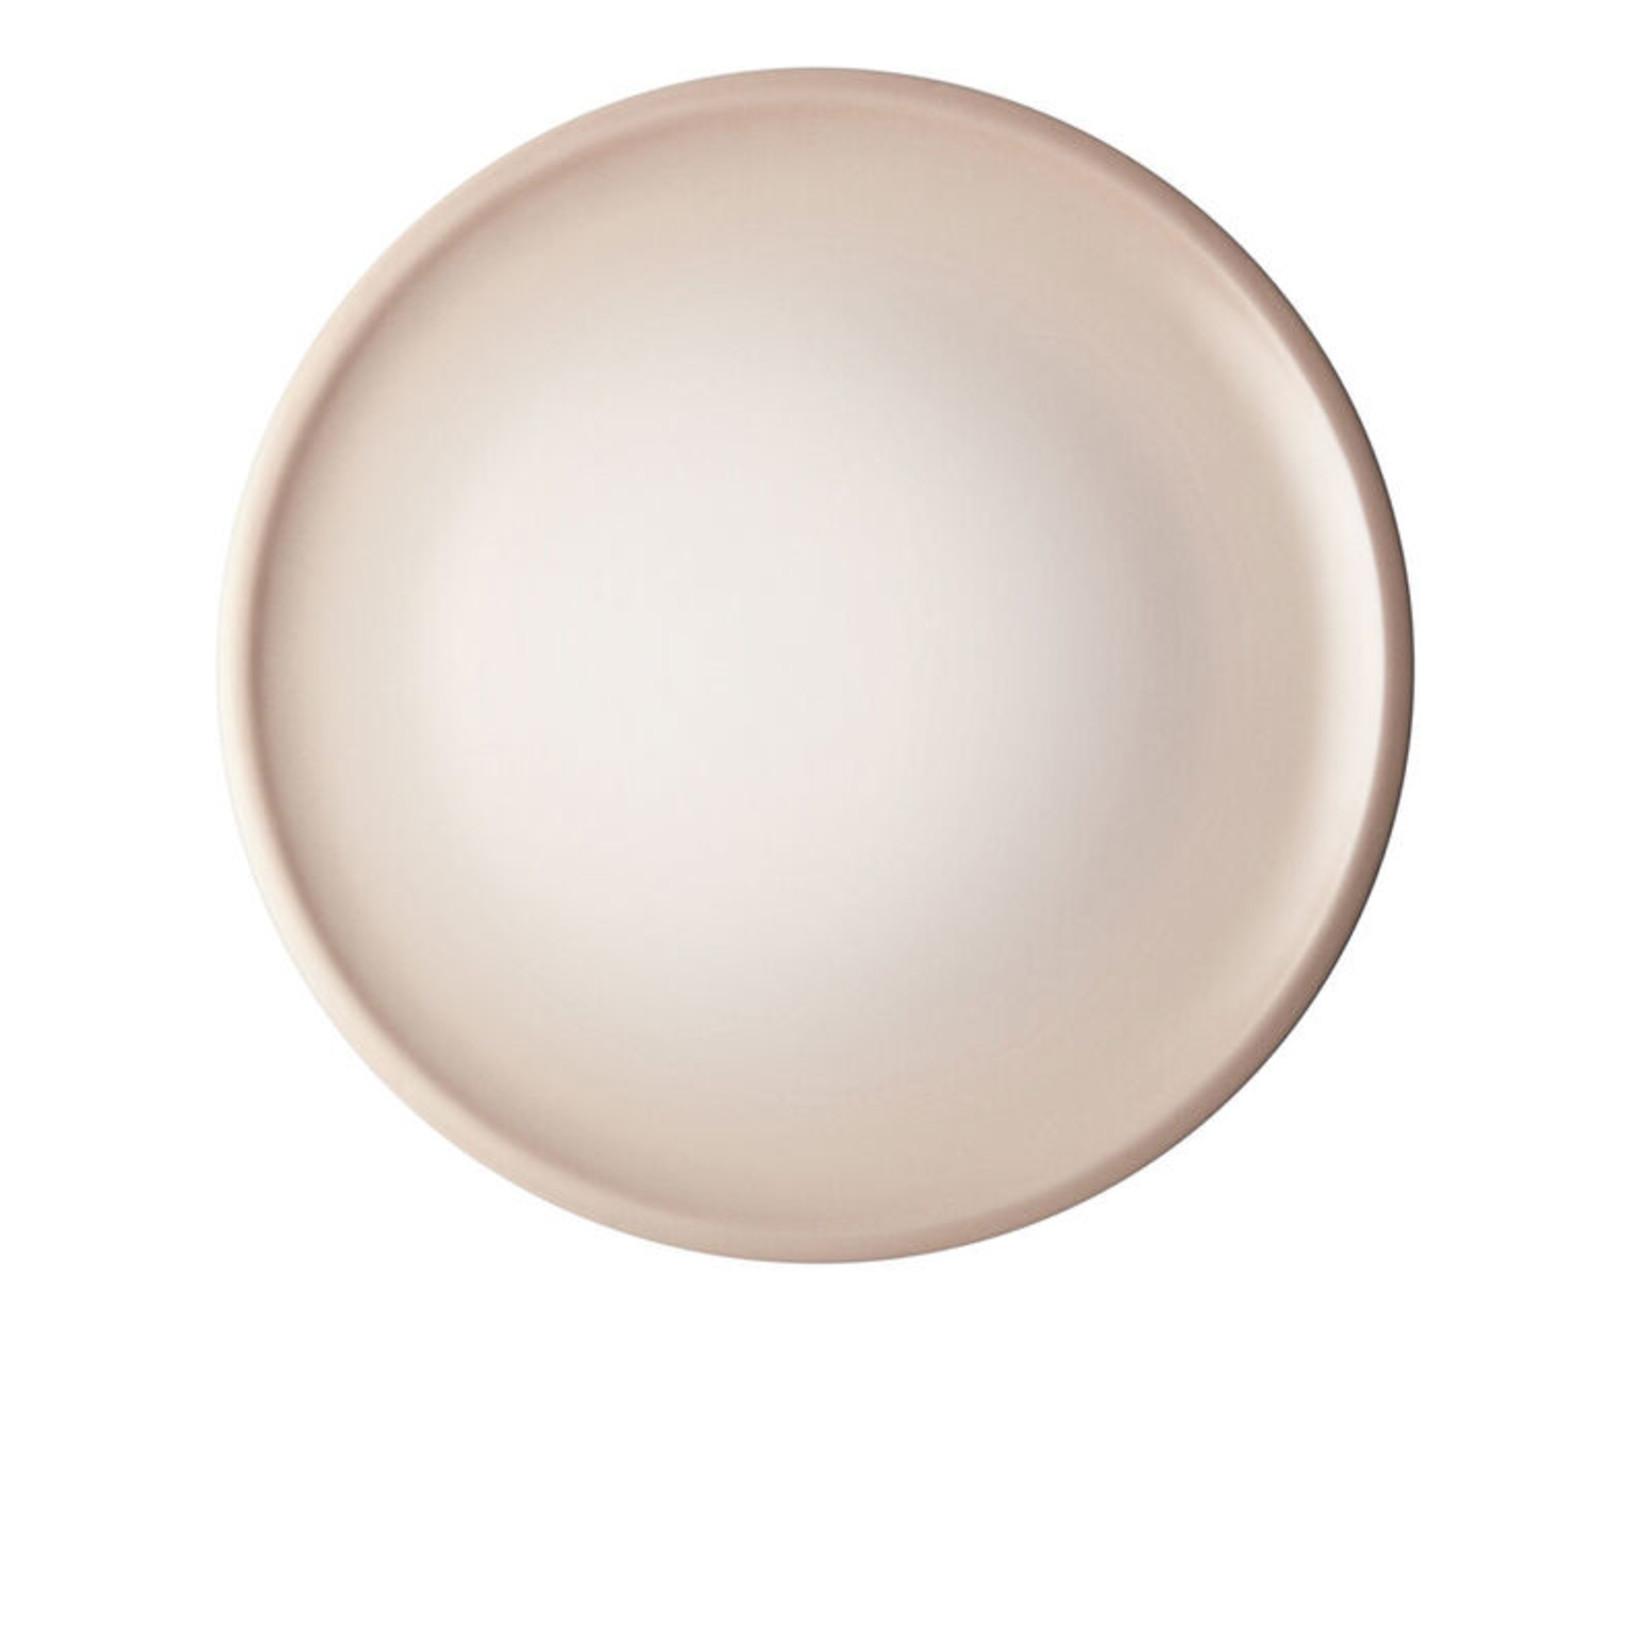 Le Creuset Minimalist Dinner Plate